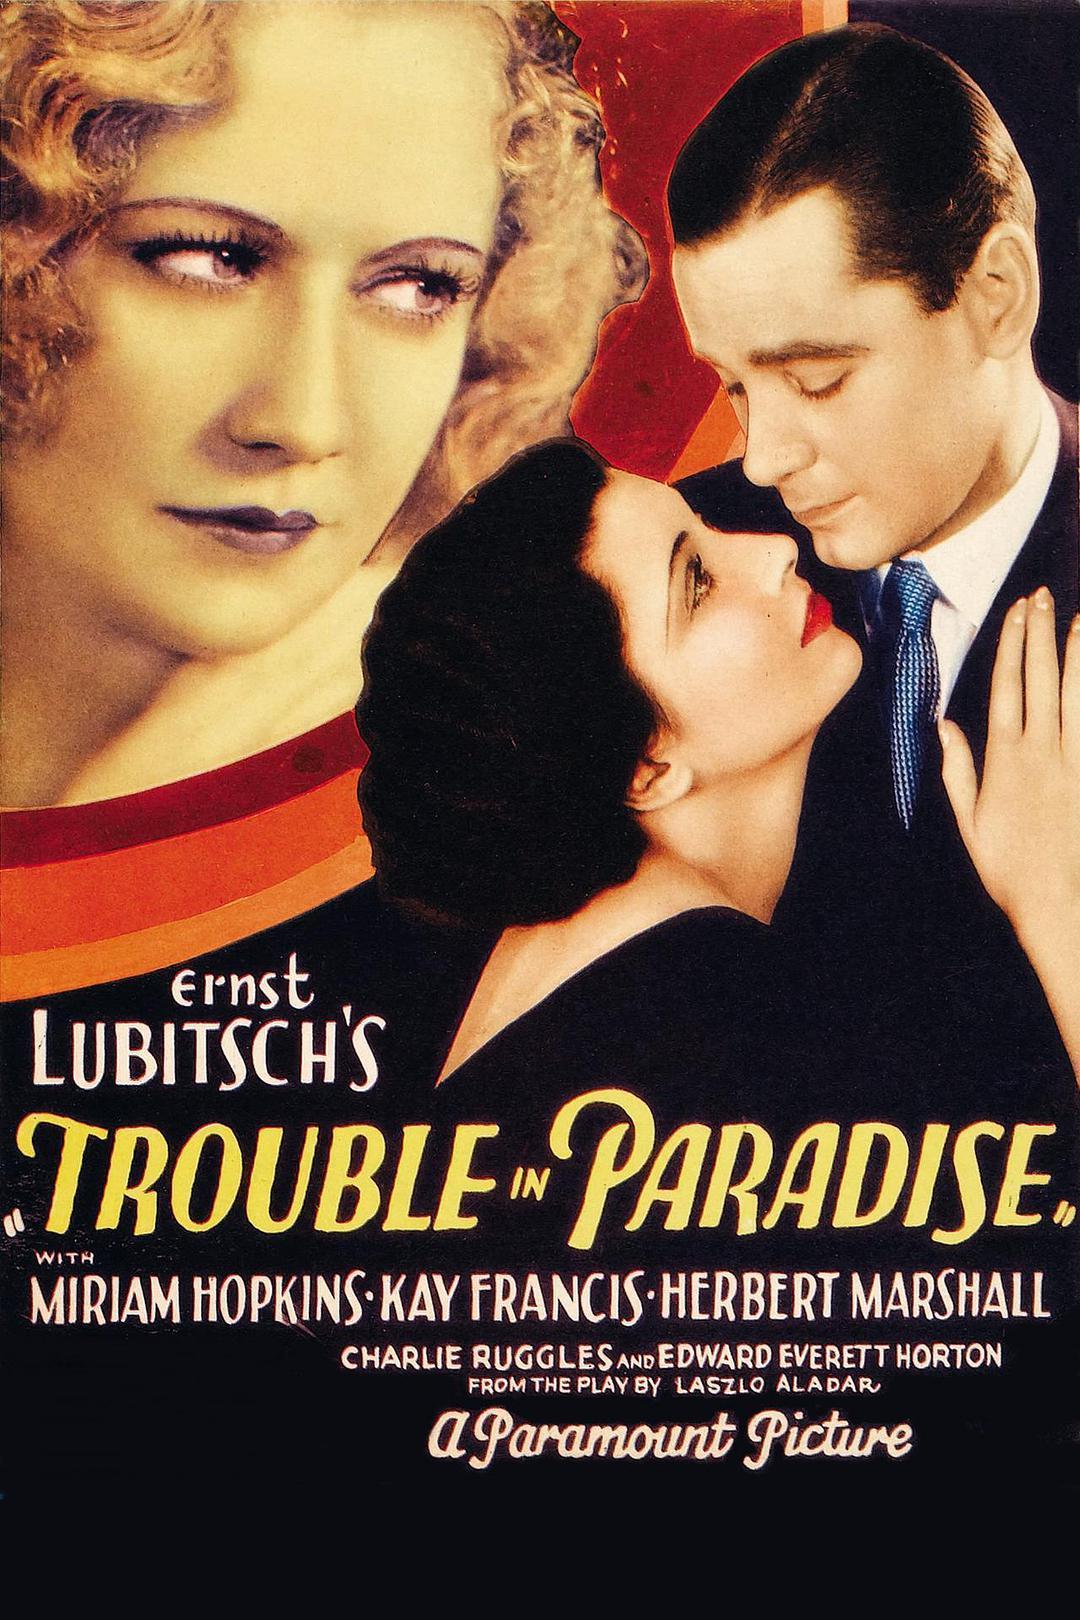 悠悠MP4_MP4电影下载_天堂里的烦恼 Trouble.in.Paradise.1932.1080p.BluRay.x264.FLAC.2.0-HANDJOB 7.07GB